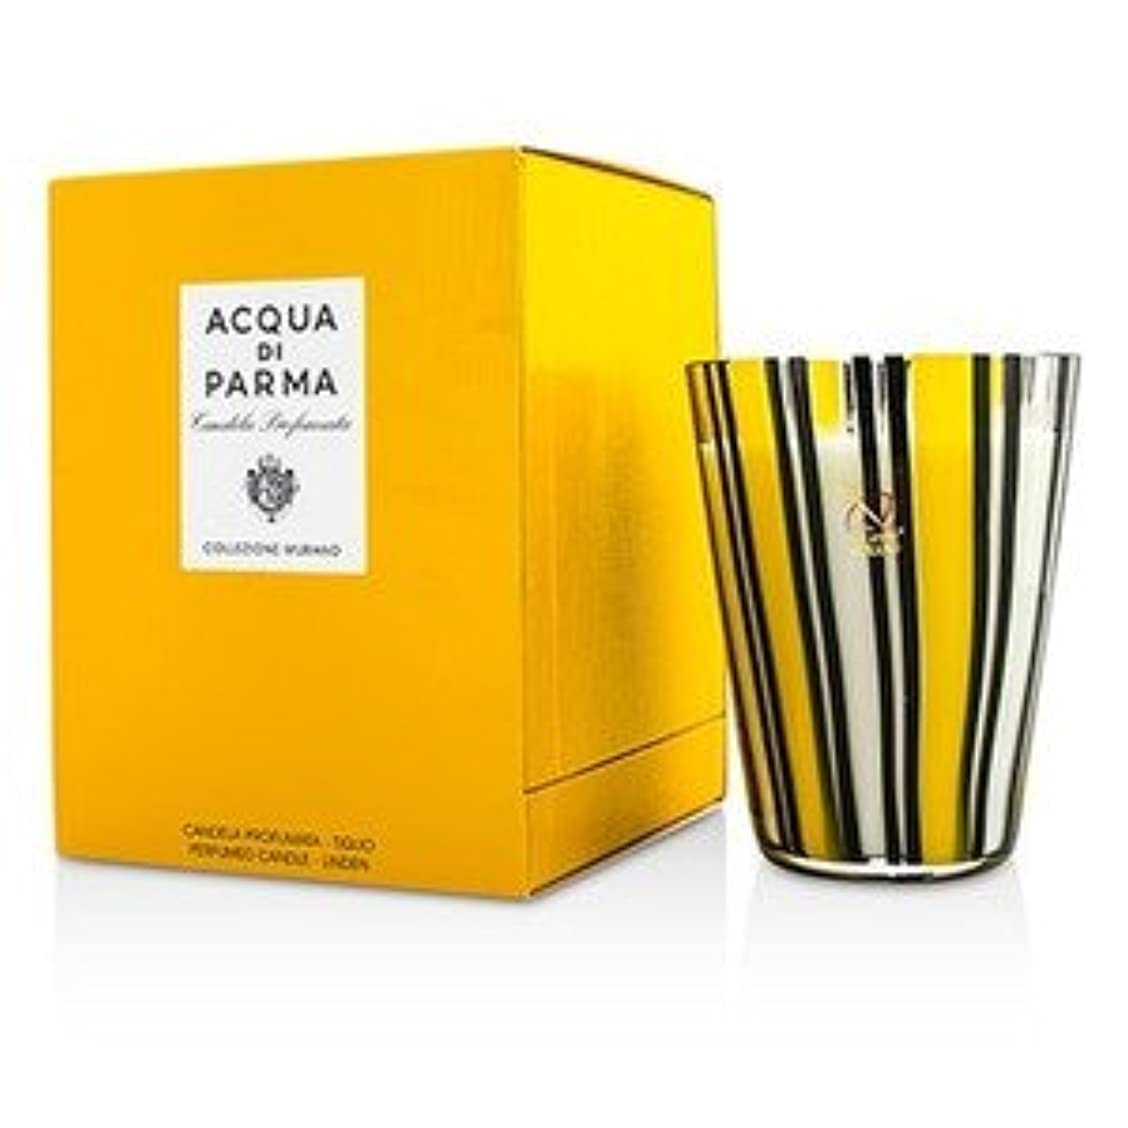 サイトラインキャッチ潜水艦アクア ディ パルマ[Acqua Di Parma] ムラノ グラス パフューム キャンドル - Tiglio(Linen) 200g/7.05oz [並行輸入品]